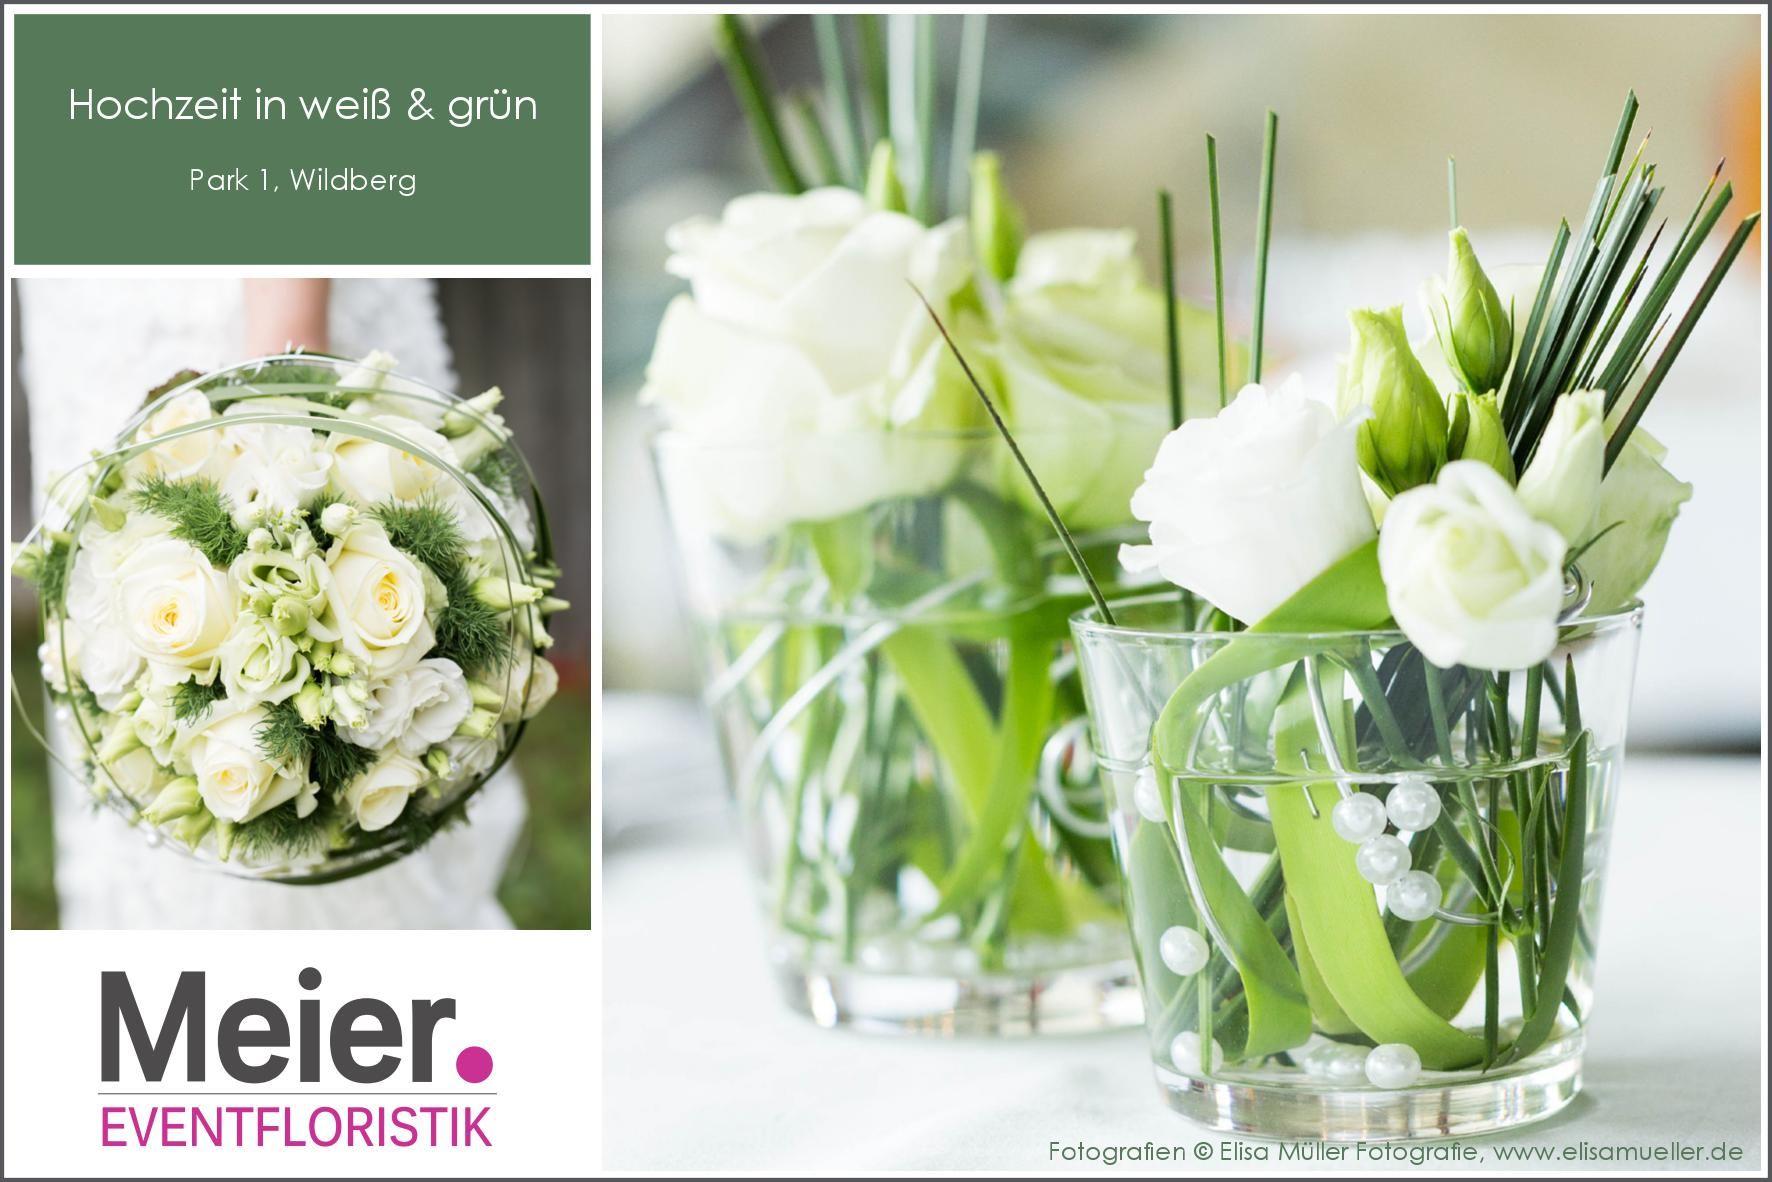 Hochzeit  Tischdeko und Brautstrau mit weien Rosen und